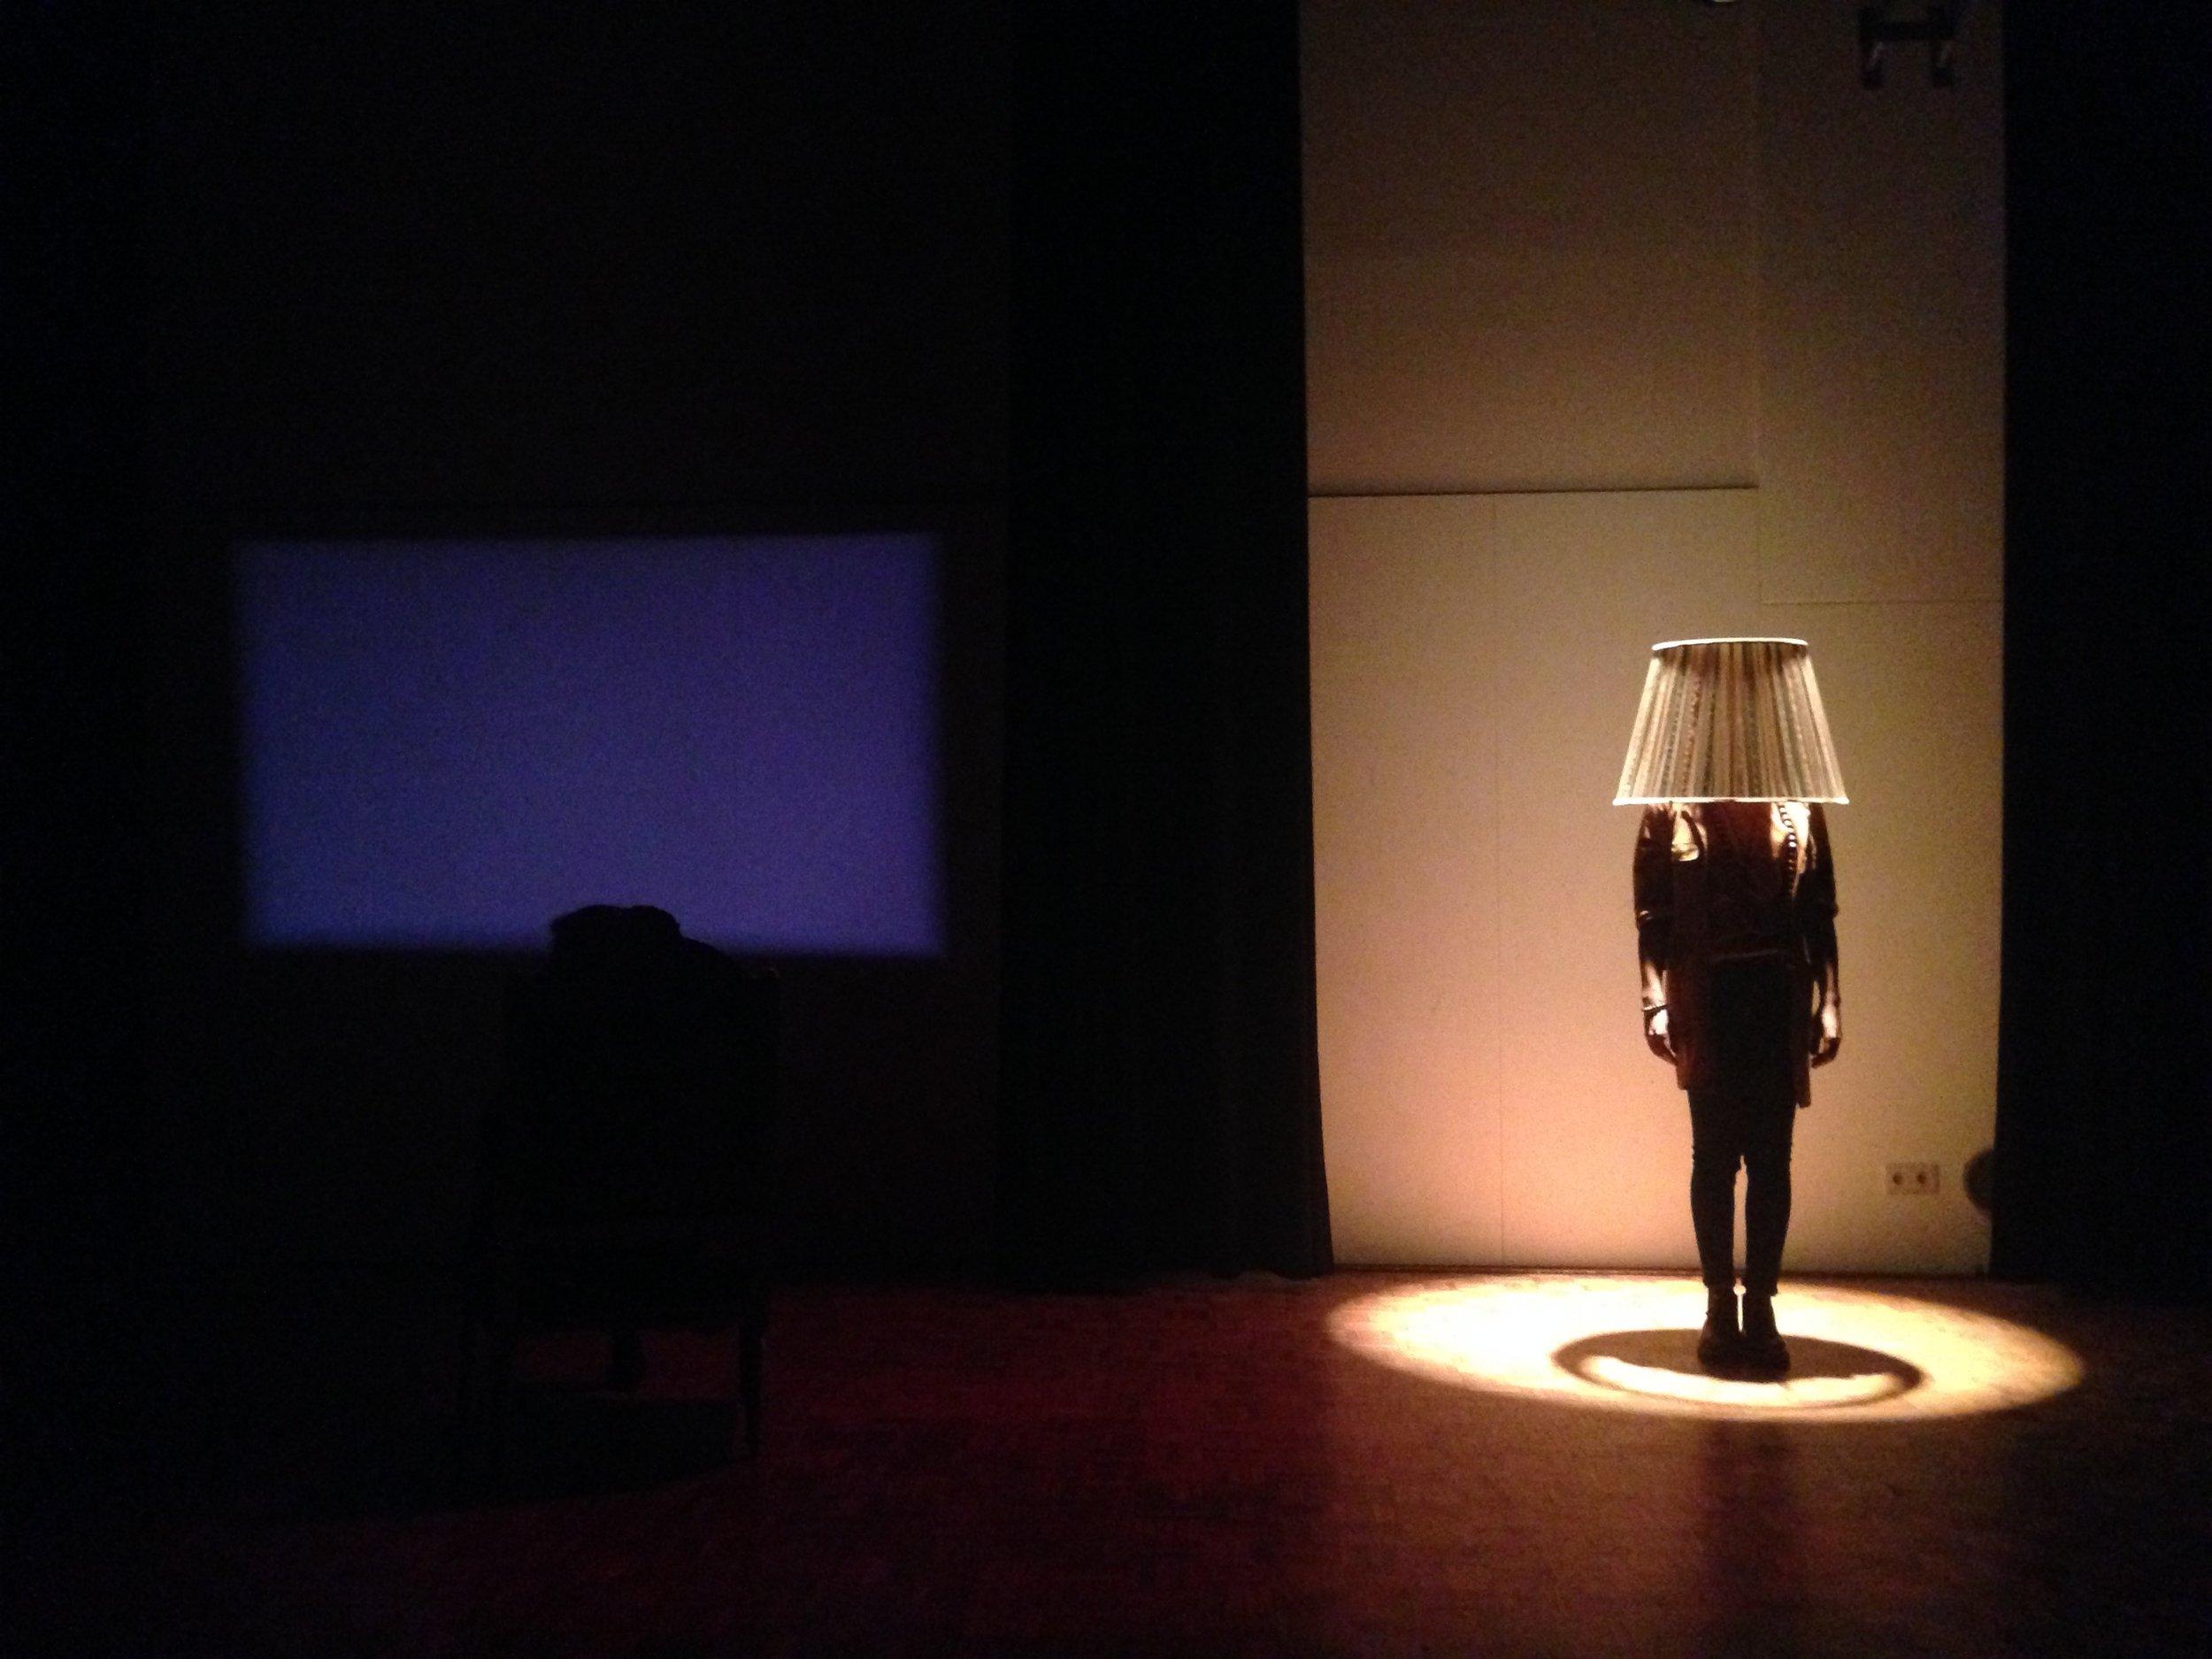 Works by teaching-artist, exhibited at Framer Framed